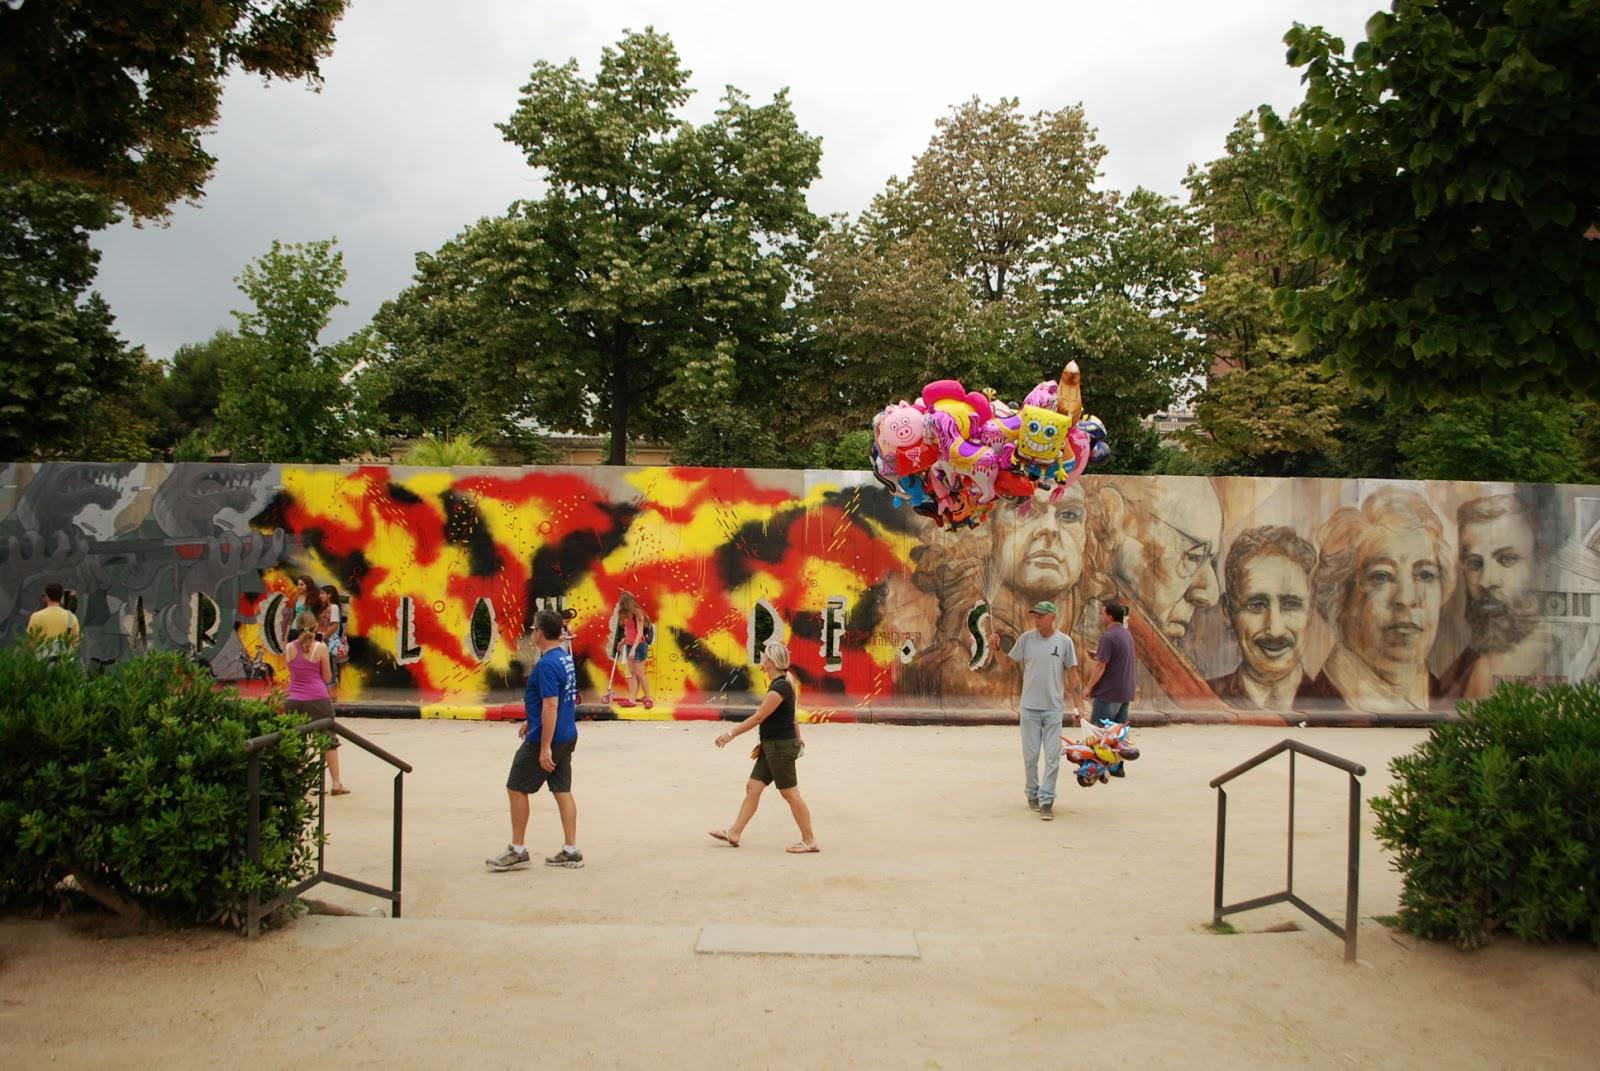 Парк Цитадели (Сьютаделья, Ciutadella), Барселона, Каталония, Испания. Parc de la Ciutadella, Barcelona, Catalonia, Spain